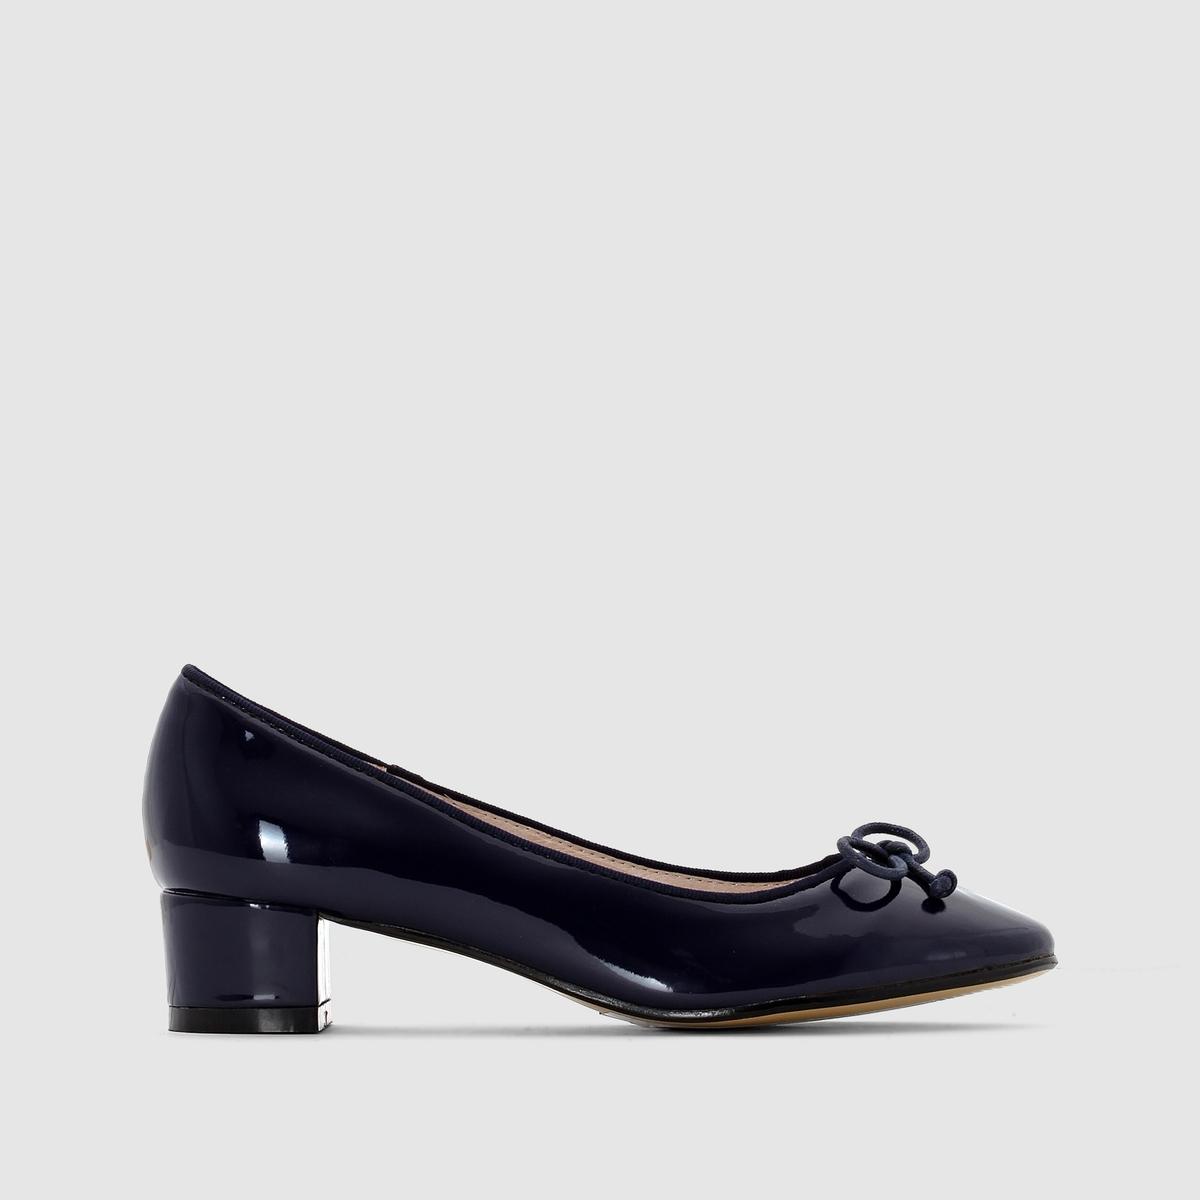 БалеткиМы советуем выбирать обувь на размер больше, чем ваш обычный размер  .<br><br>Цвет: телесный,темно-синий<br>Размер: 37.40